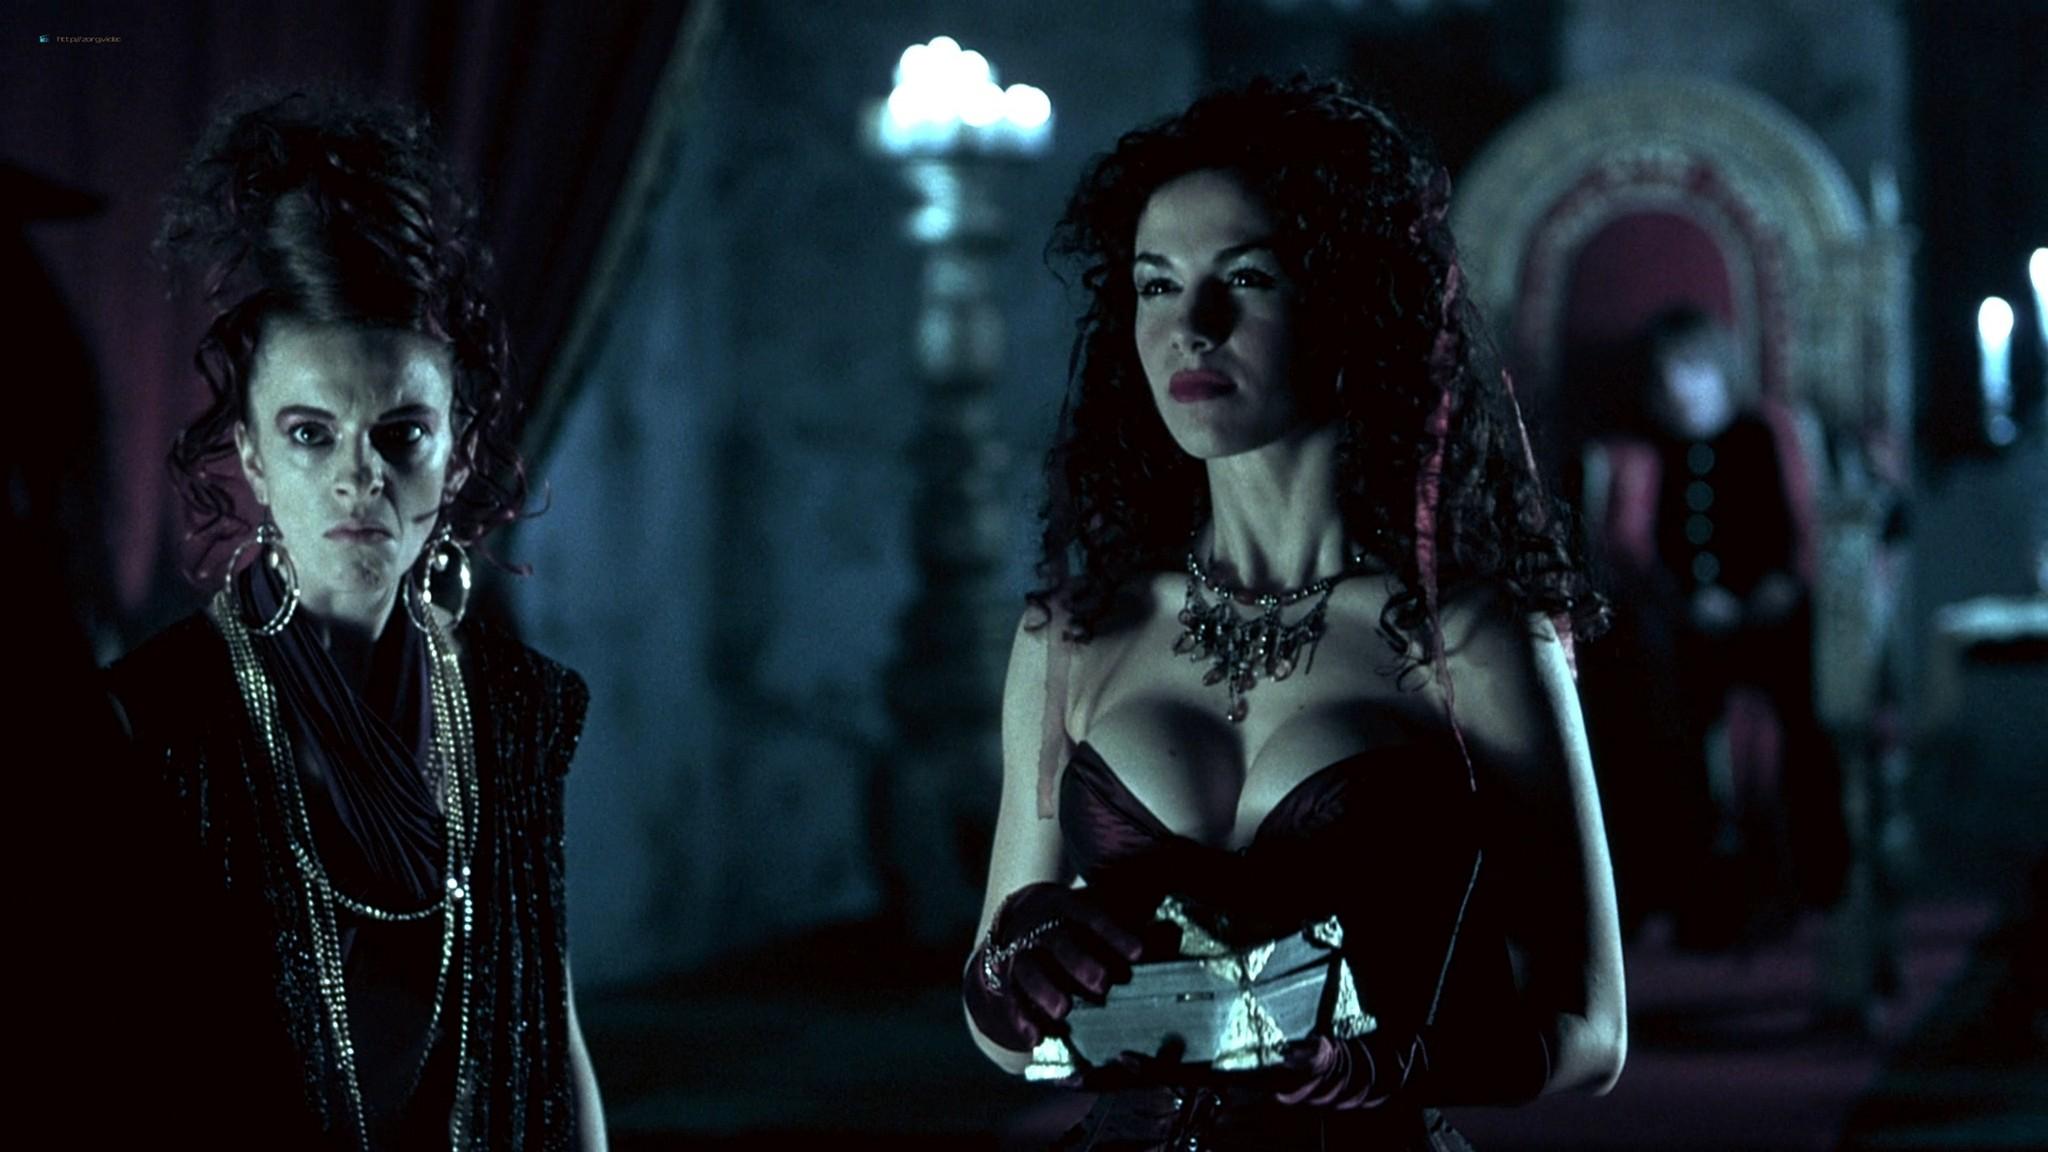 Jennifer Lyons hot Simon Petric, Desiree Malonga and others nude - Transylmania (2009) HD 1080p BluRay (r) (16)